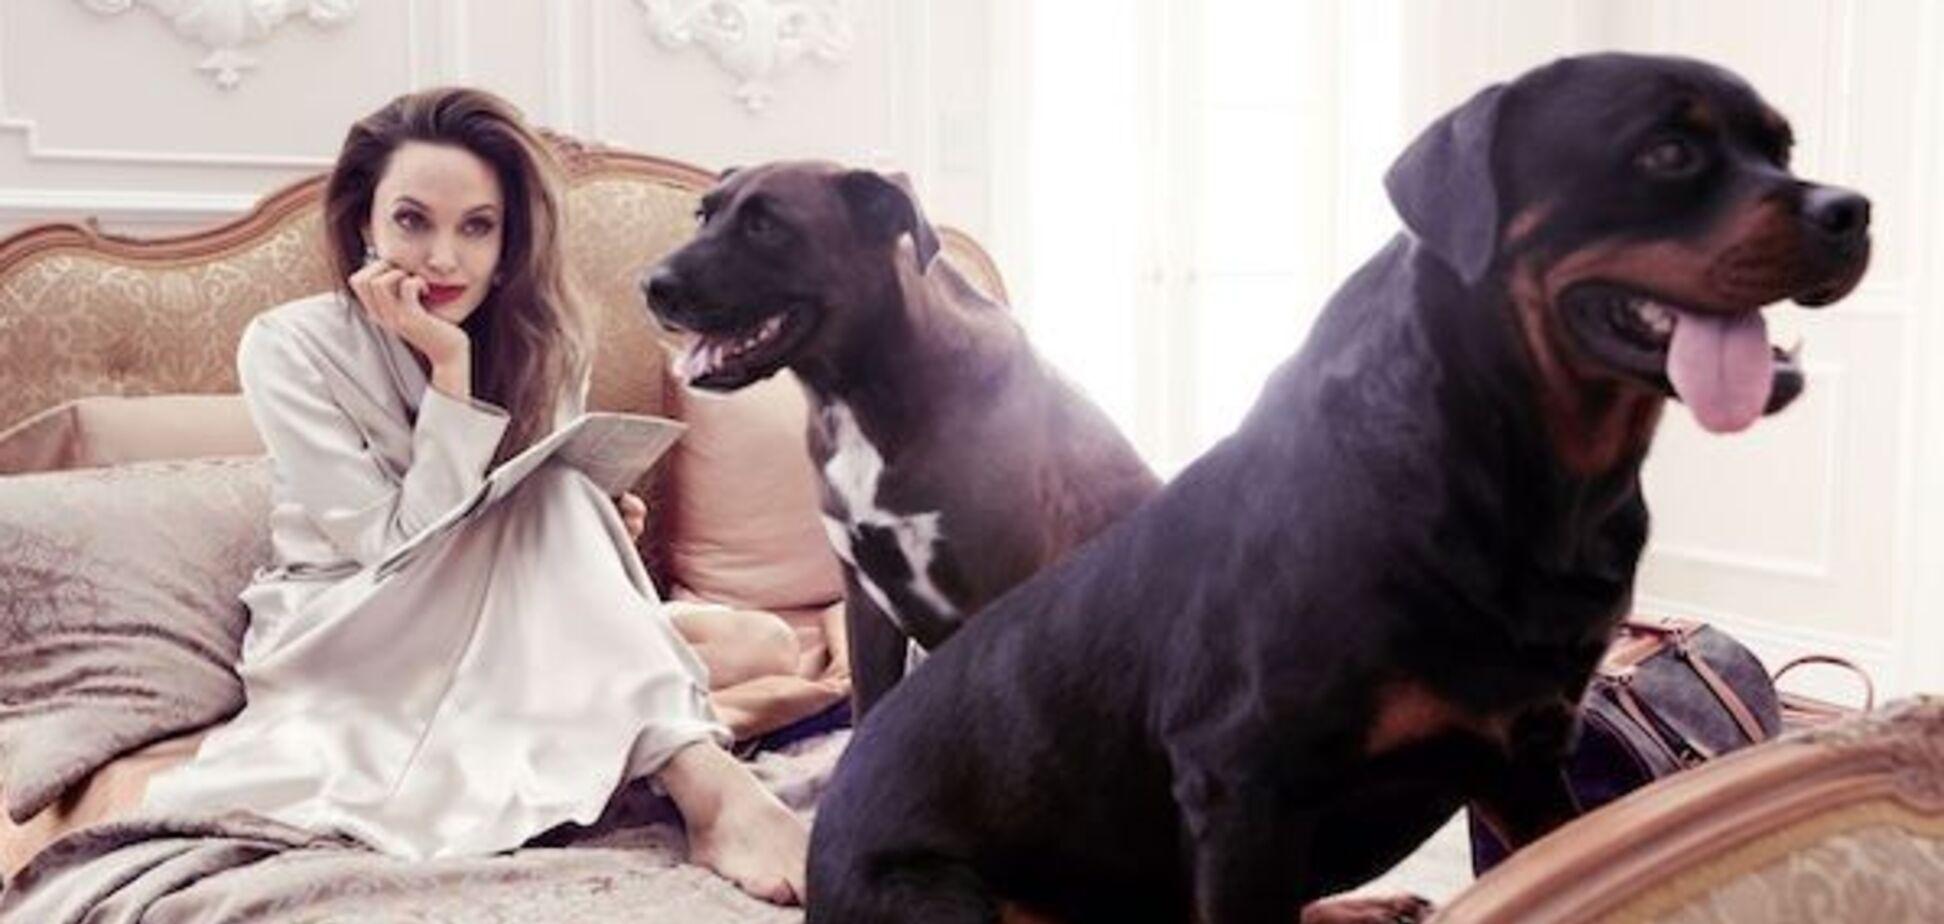 Брэд Питт подал в суд на Анжелину Джоли из-за собак – СМИ